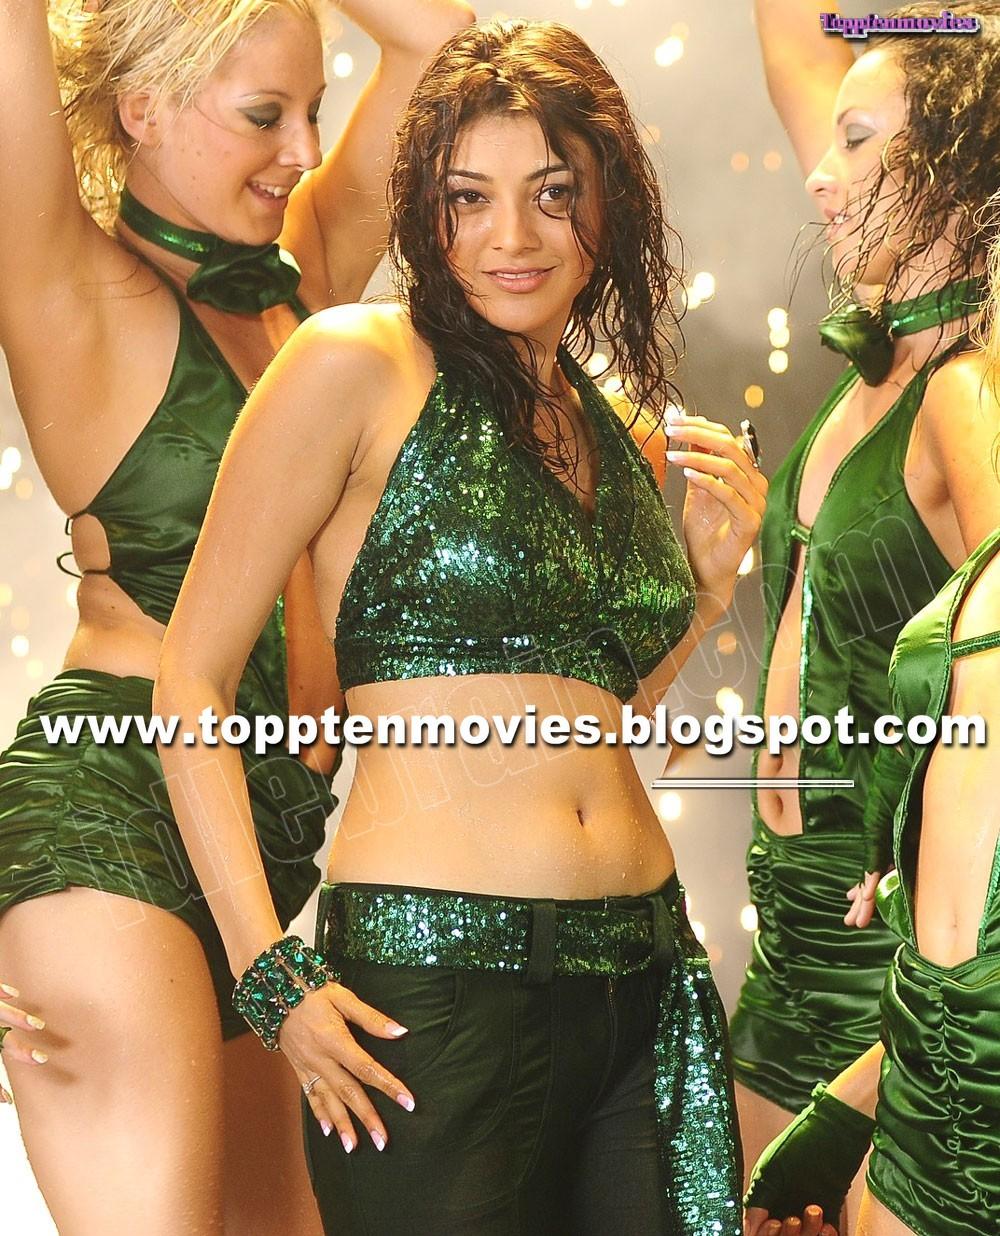 http://1.bp.blogspot.com/_iRqKBCtH6ZM/S_ty5iS1qdI/AAAAAAAACIA/vAJnRkEhoP4/s1600/KajalAgarwal-Sexy-Navel-Show+%286%29.jpg